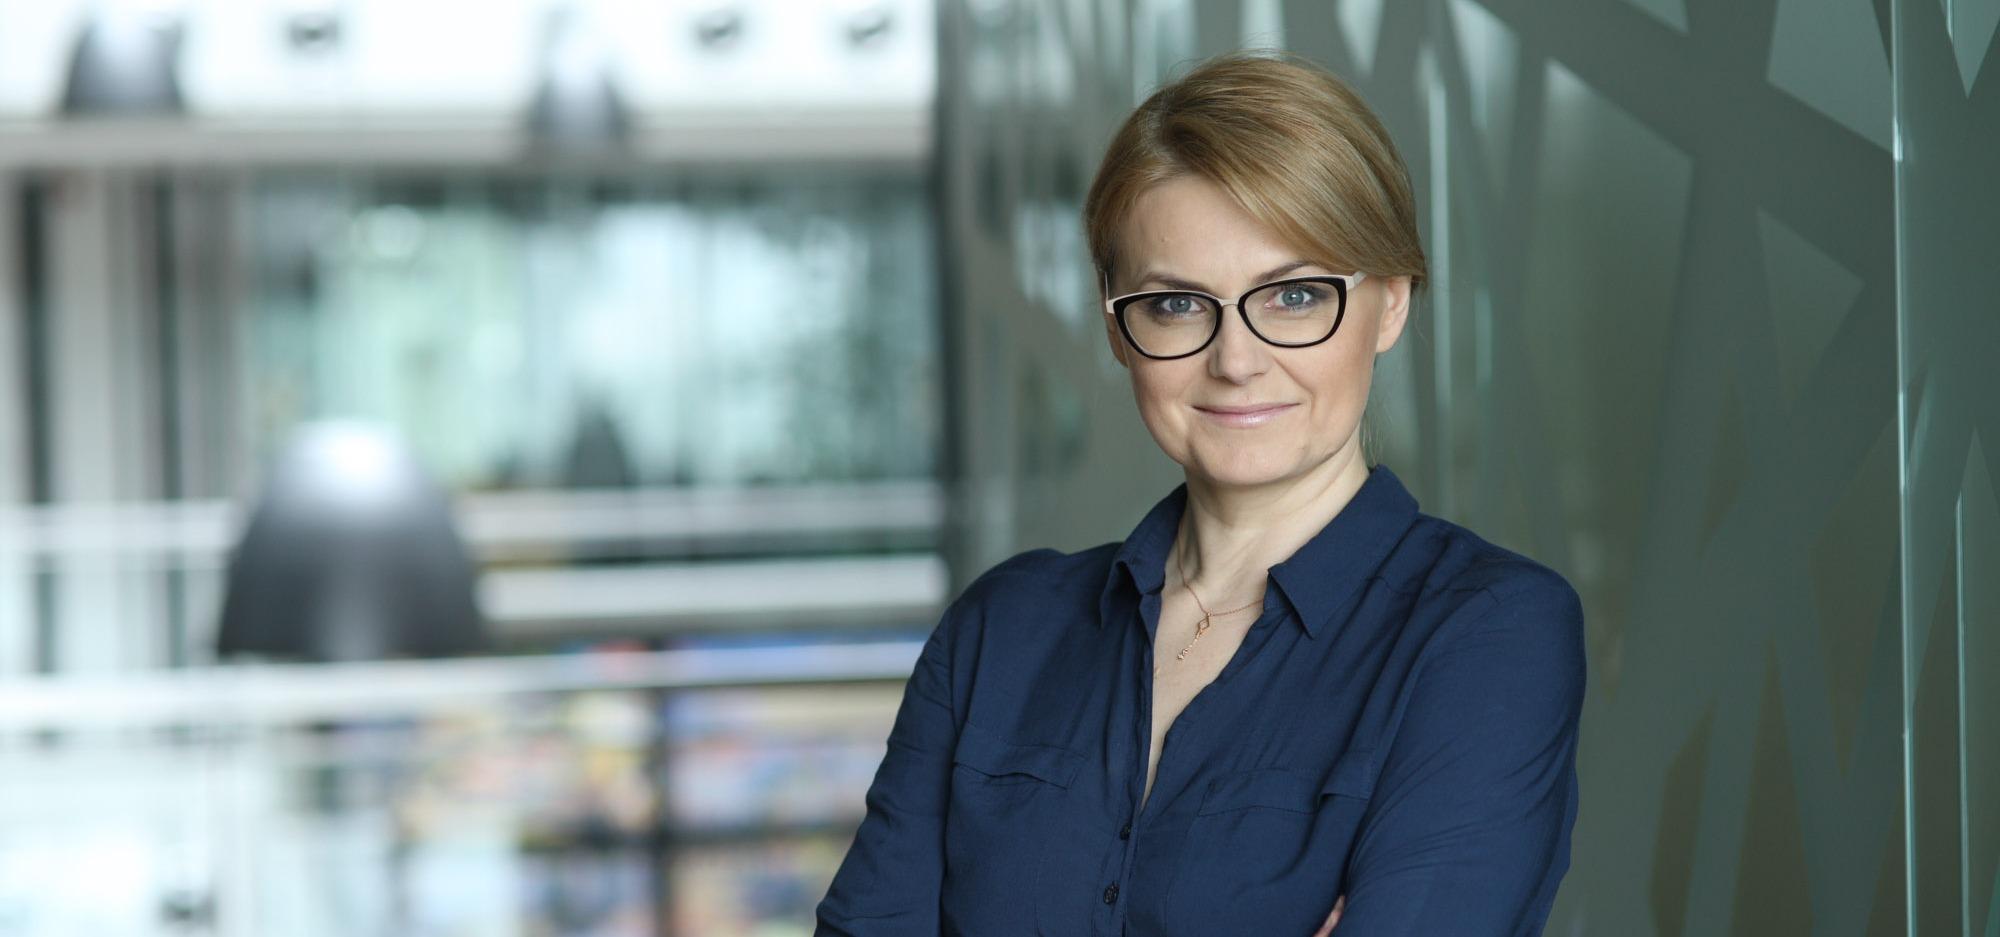 Agnieszka Gotlibowska-Horoszczak przewodniczącą Rady Dyrektorów Billon; Anand Phanse nowym CFO